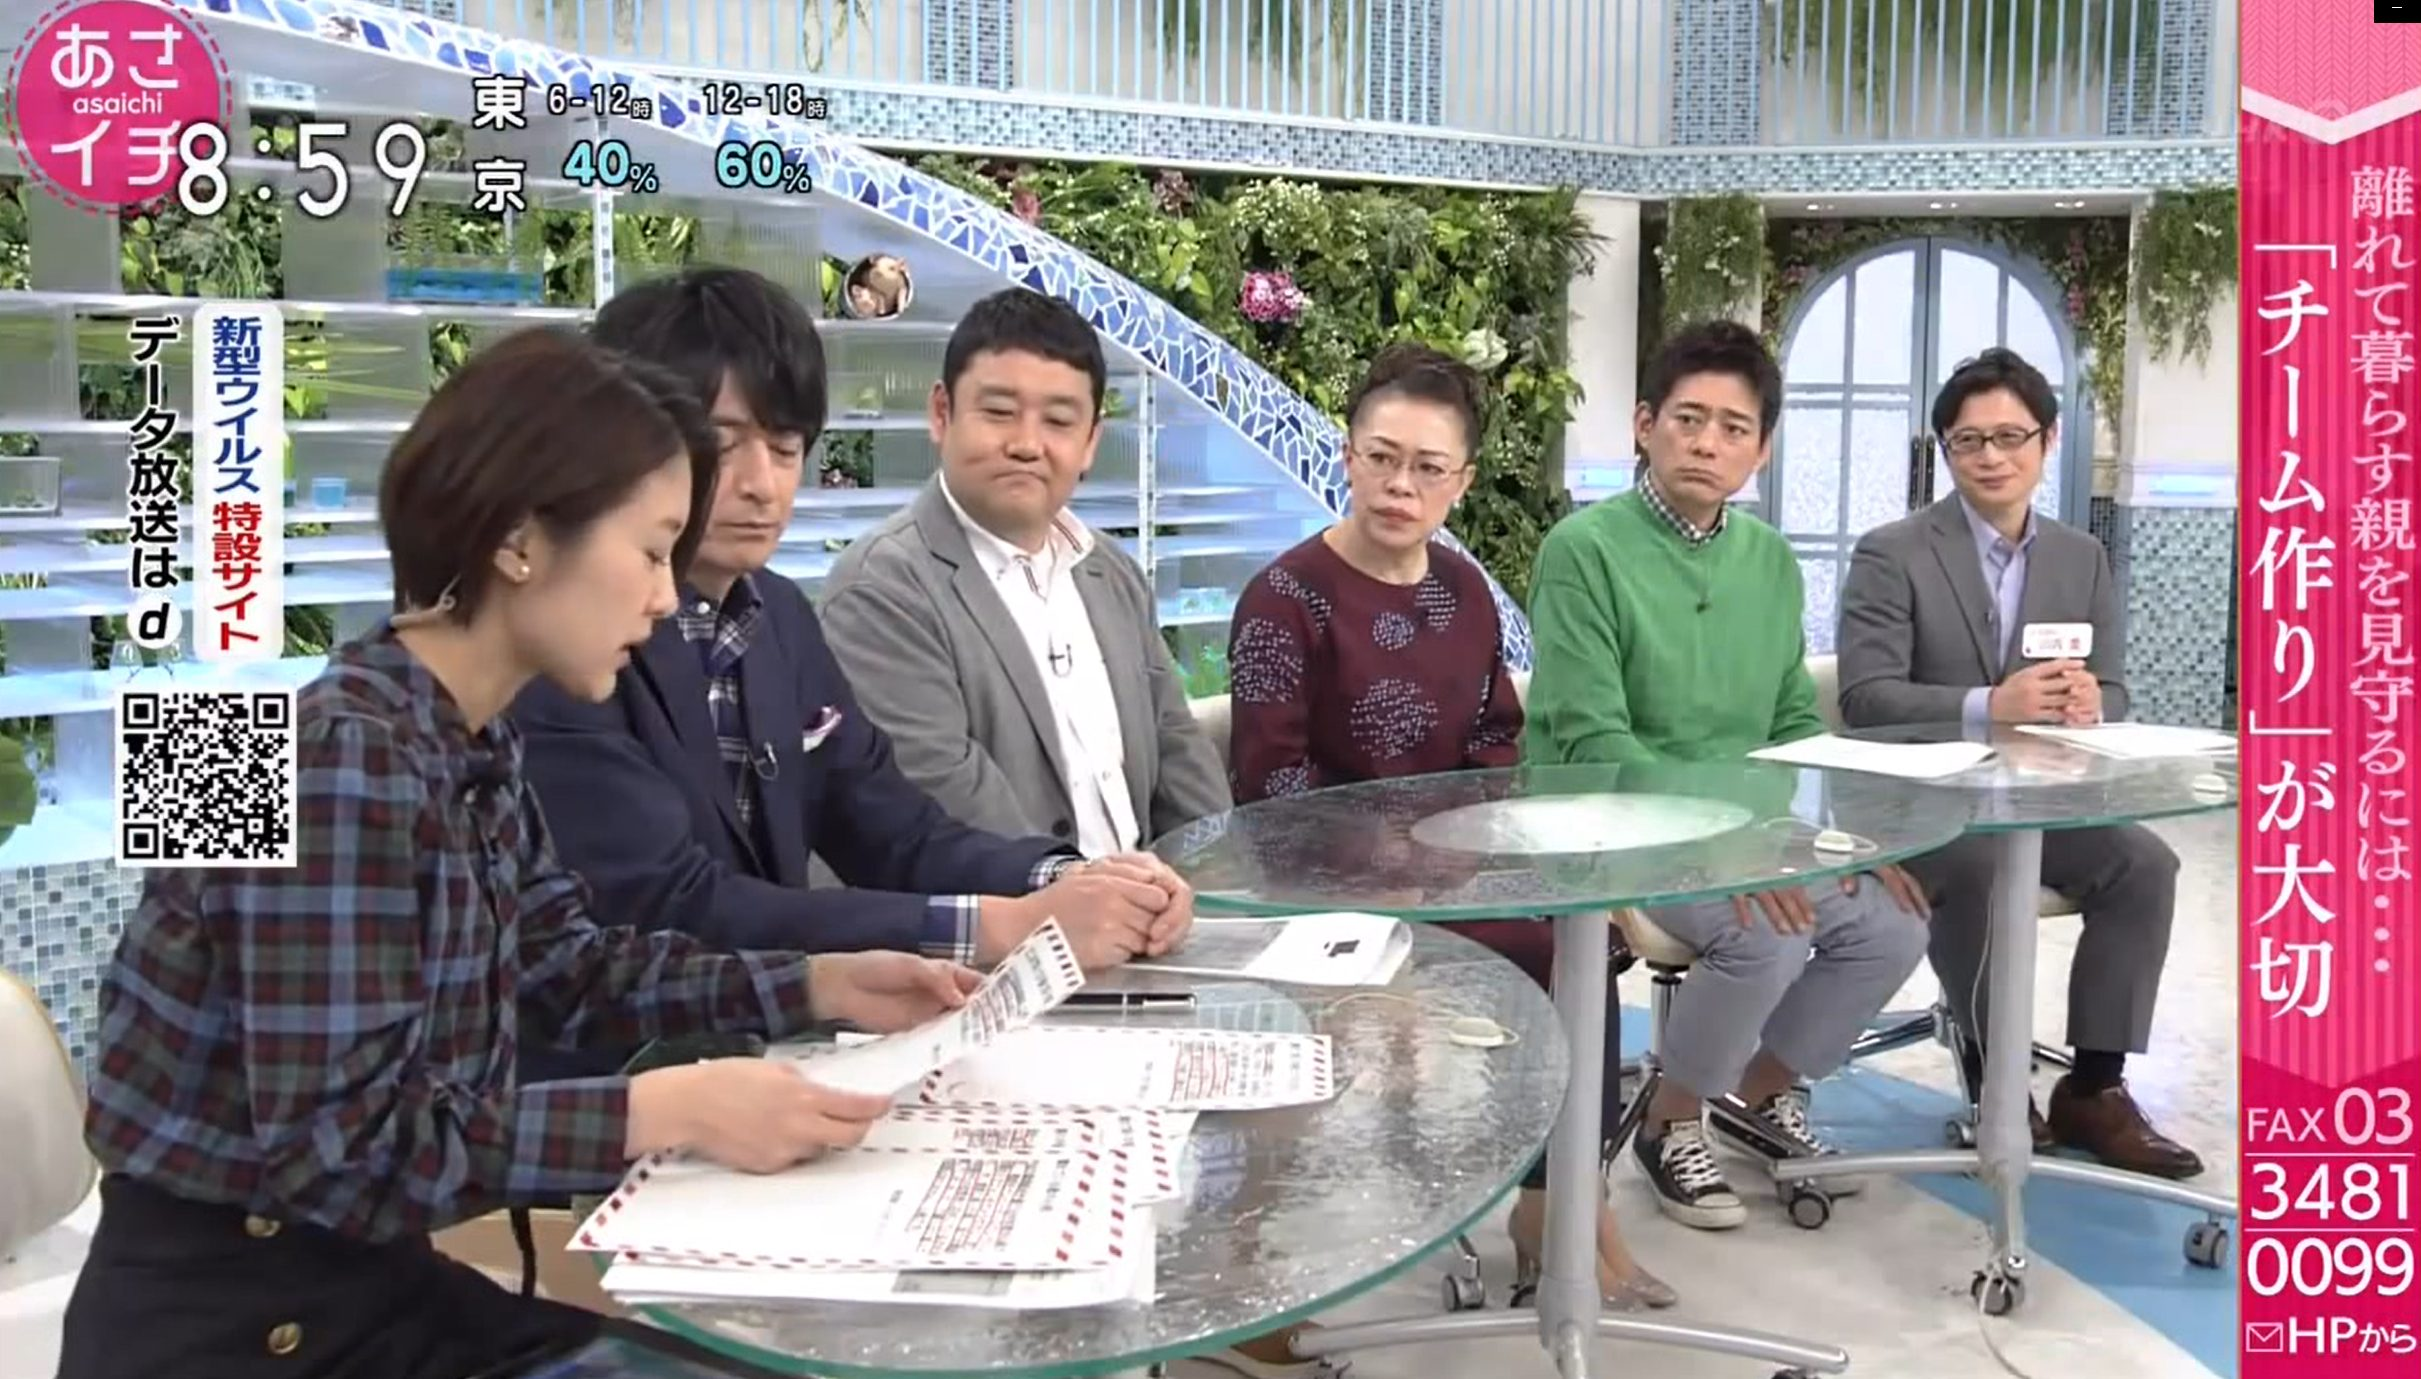 NHKあさイチ『どこまで知ってる? 離れて暮らす親の生活~リアルな日常に密着』